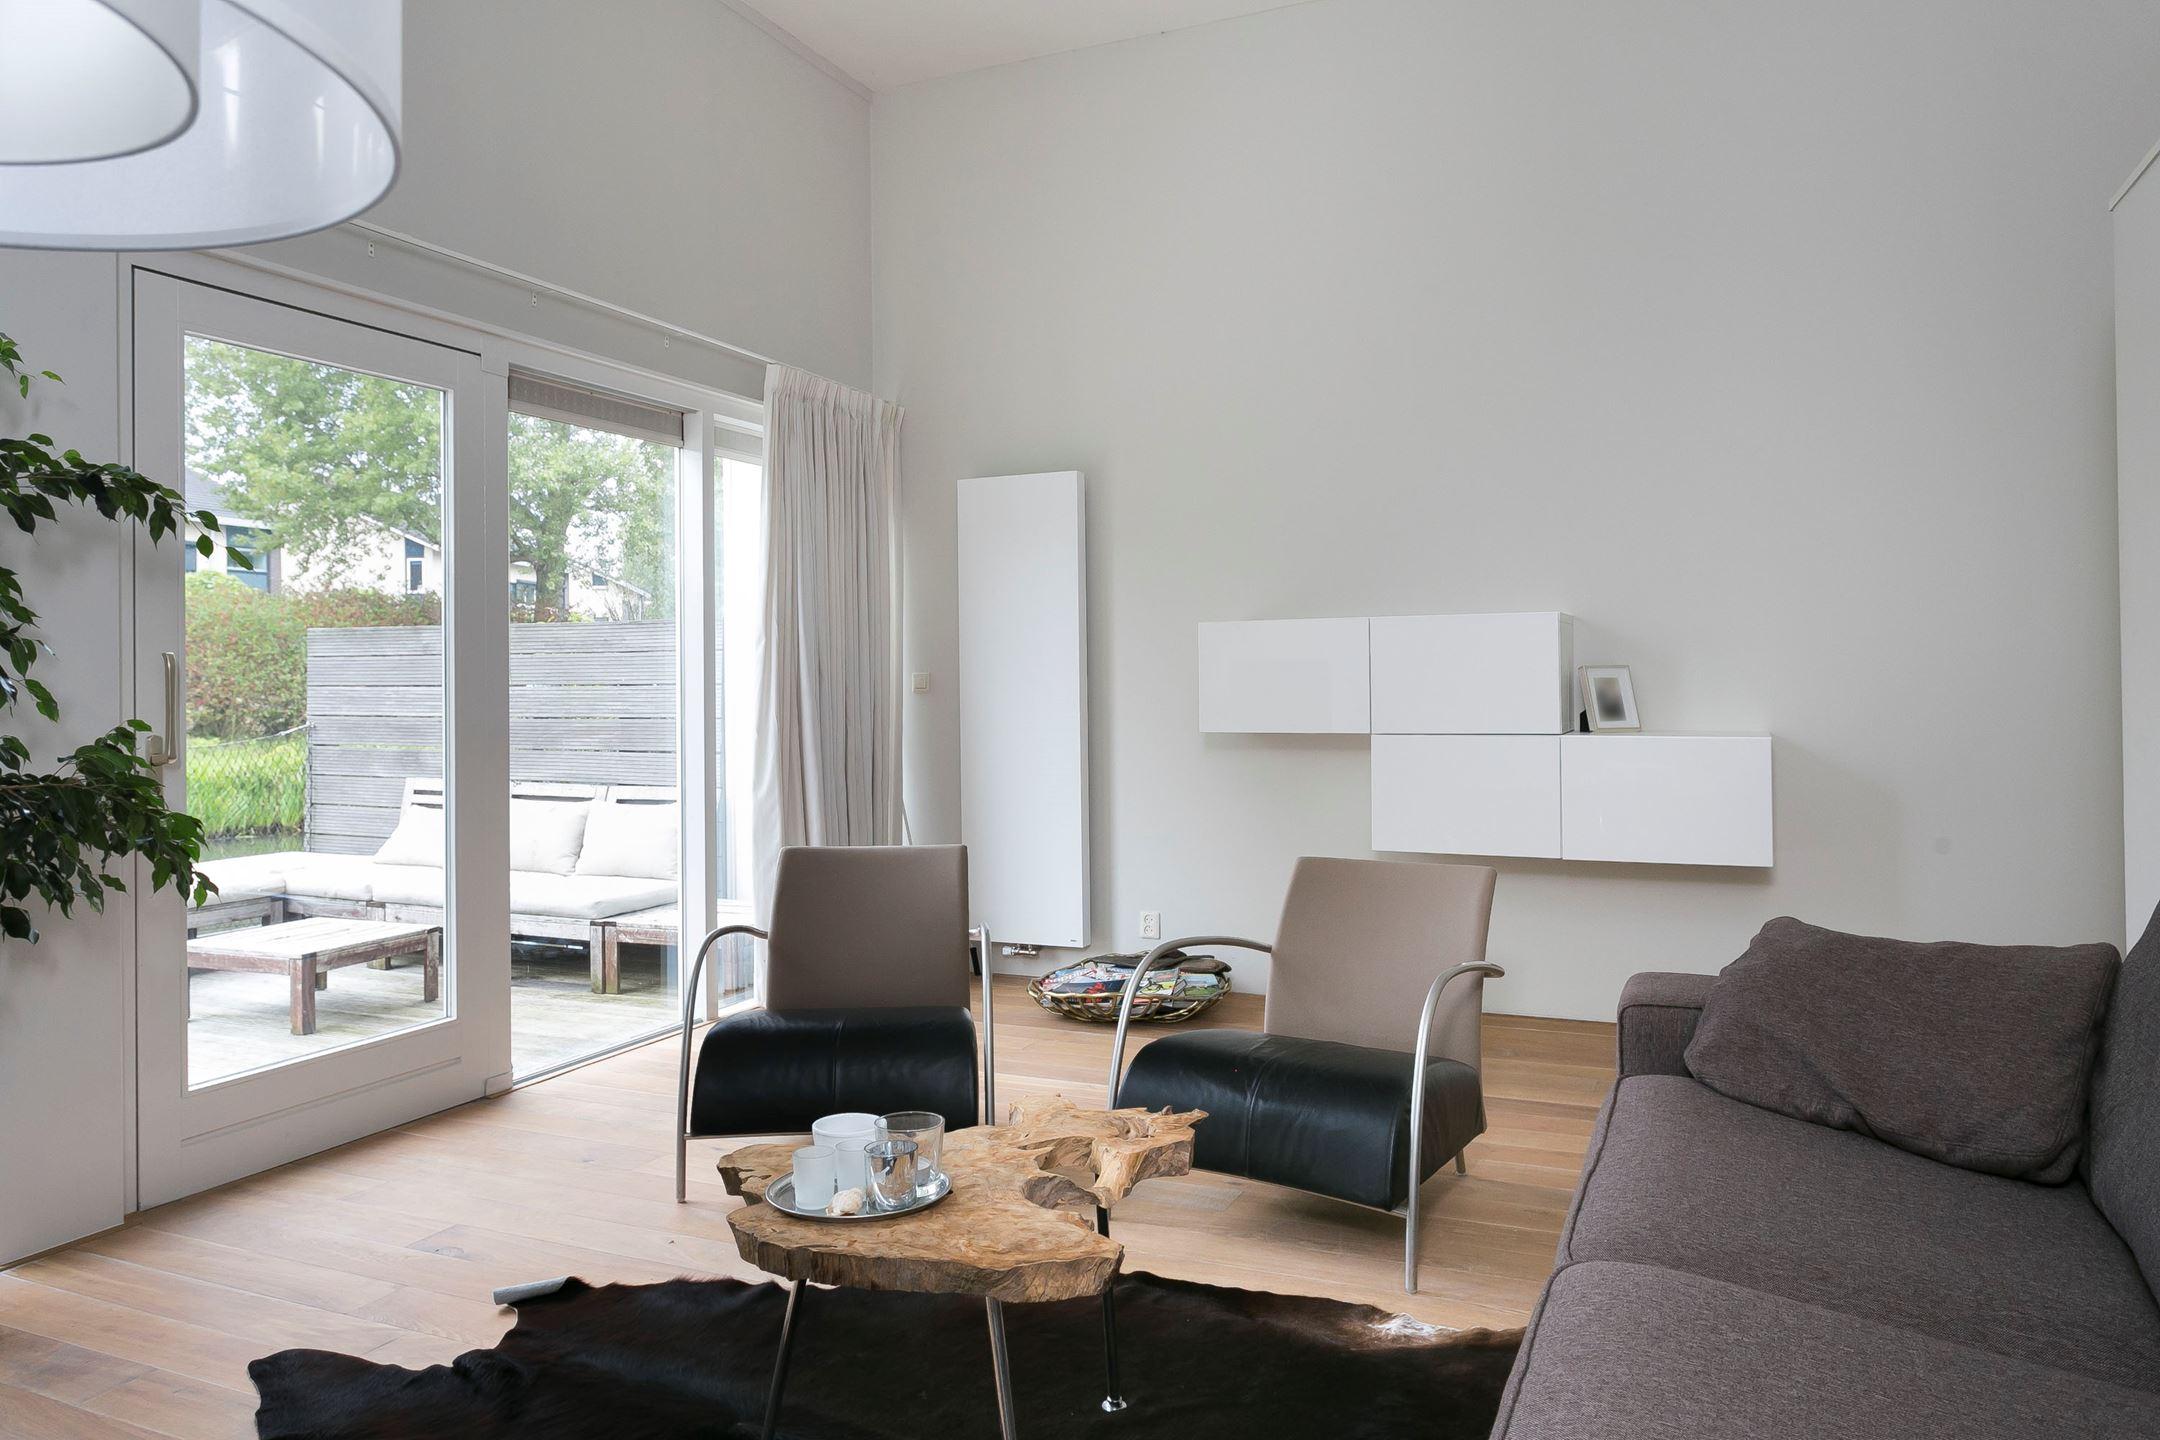 Huis te koop het rieteiland 3 7207 mt zutphen funda for Funda zutphen